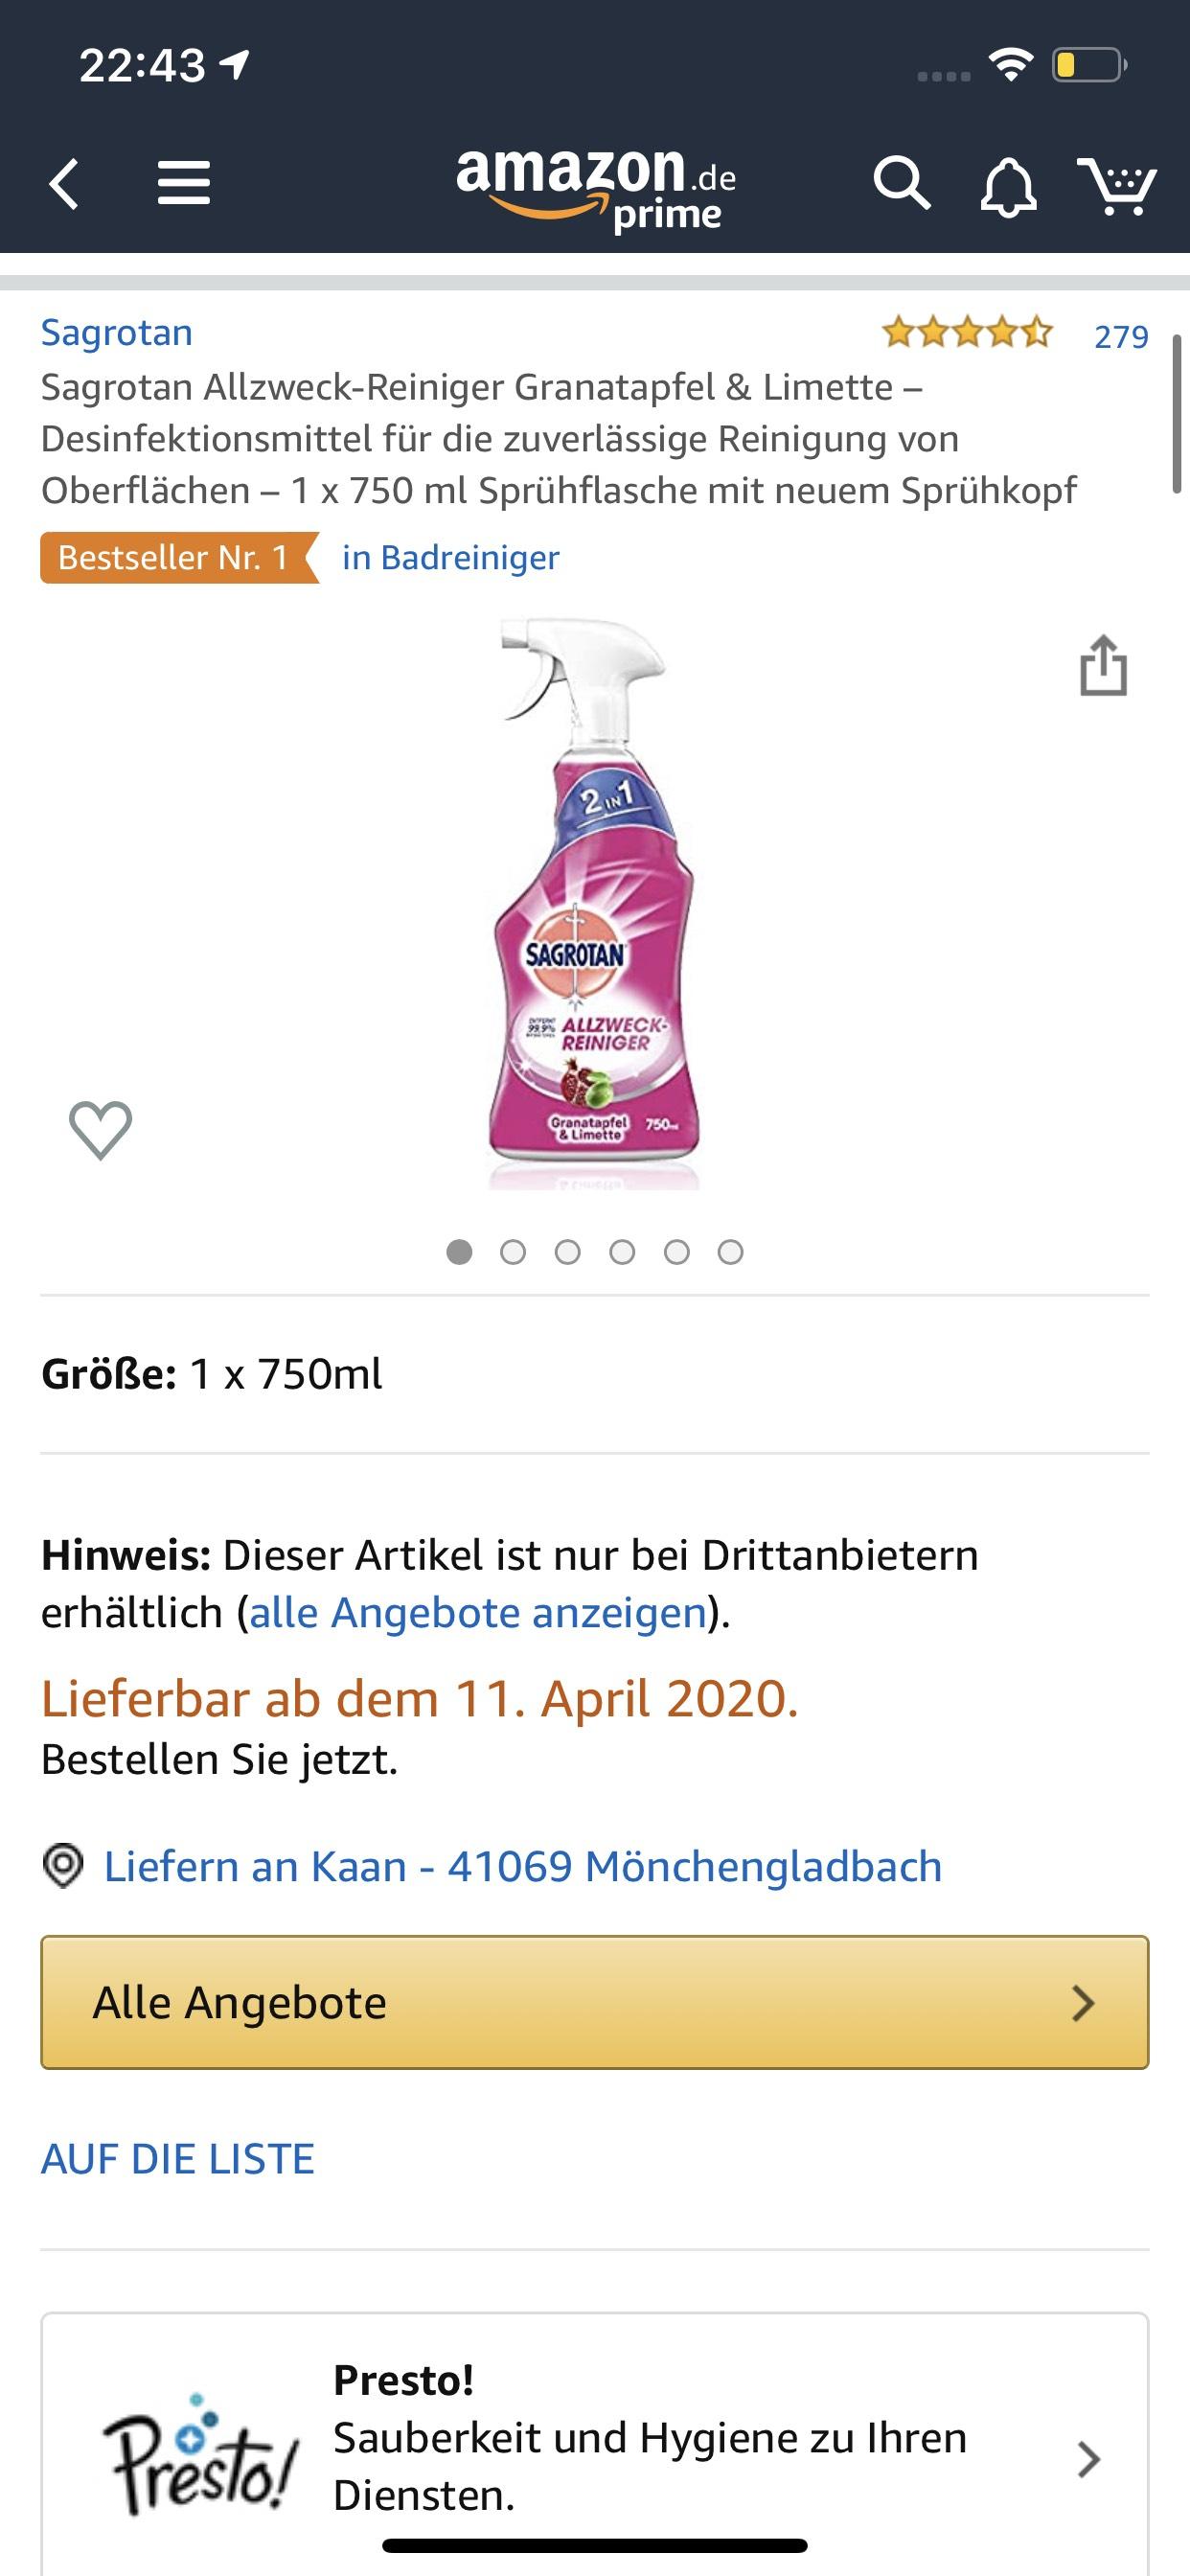 Sagrotan Allzweck-Reiniger Granatapfel & Limette – Desinfektionsmittel für die zuverlässige Reinigung von Oberflächen